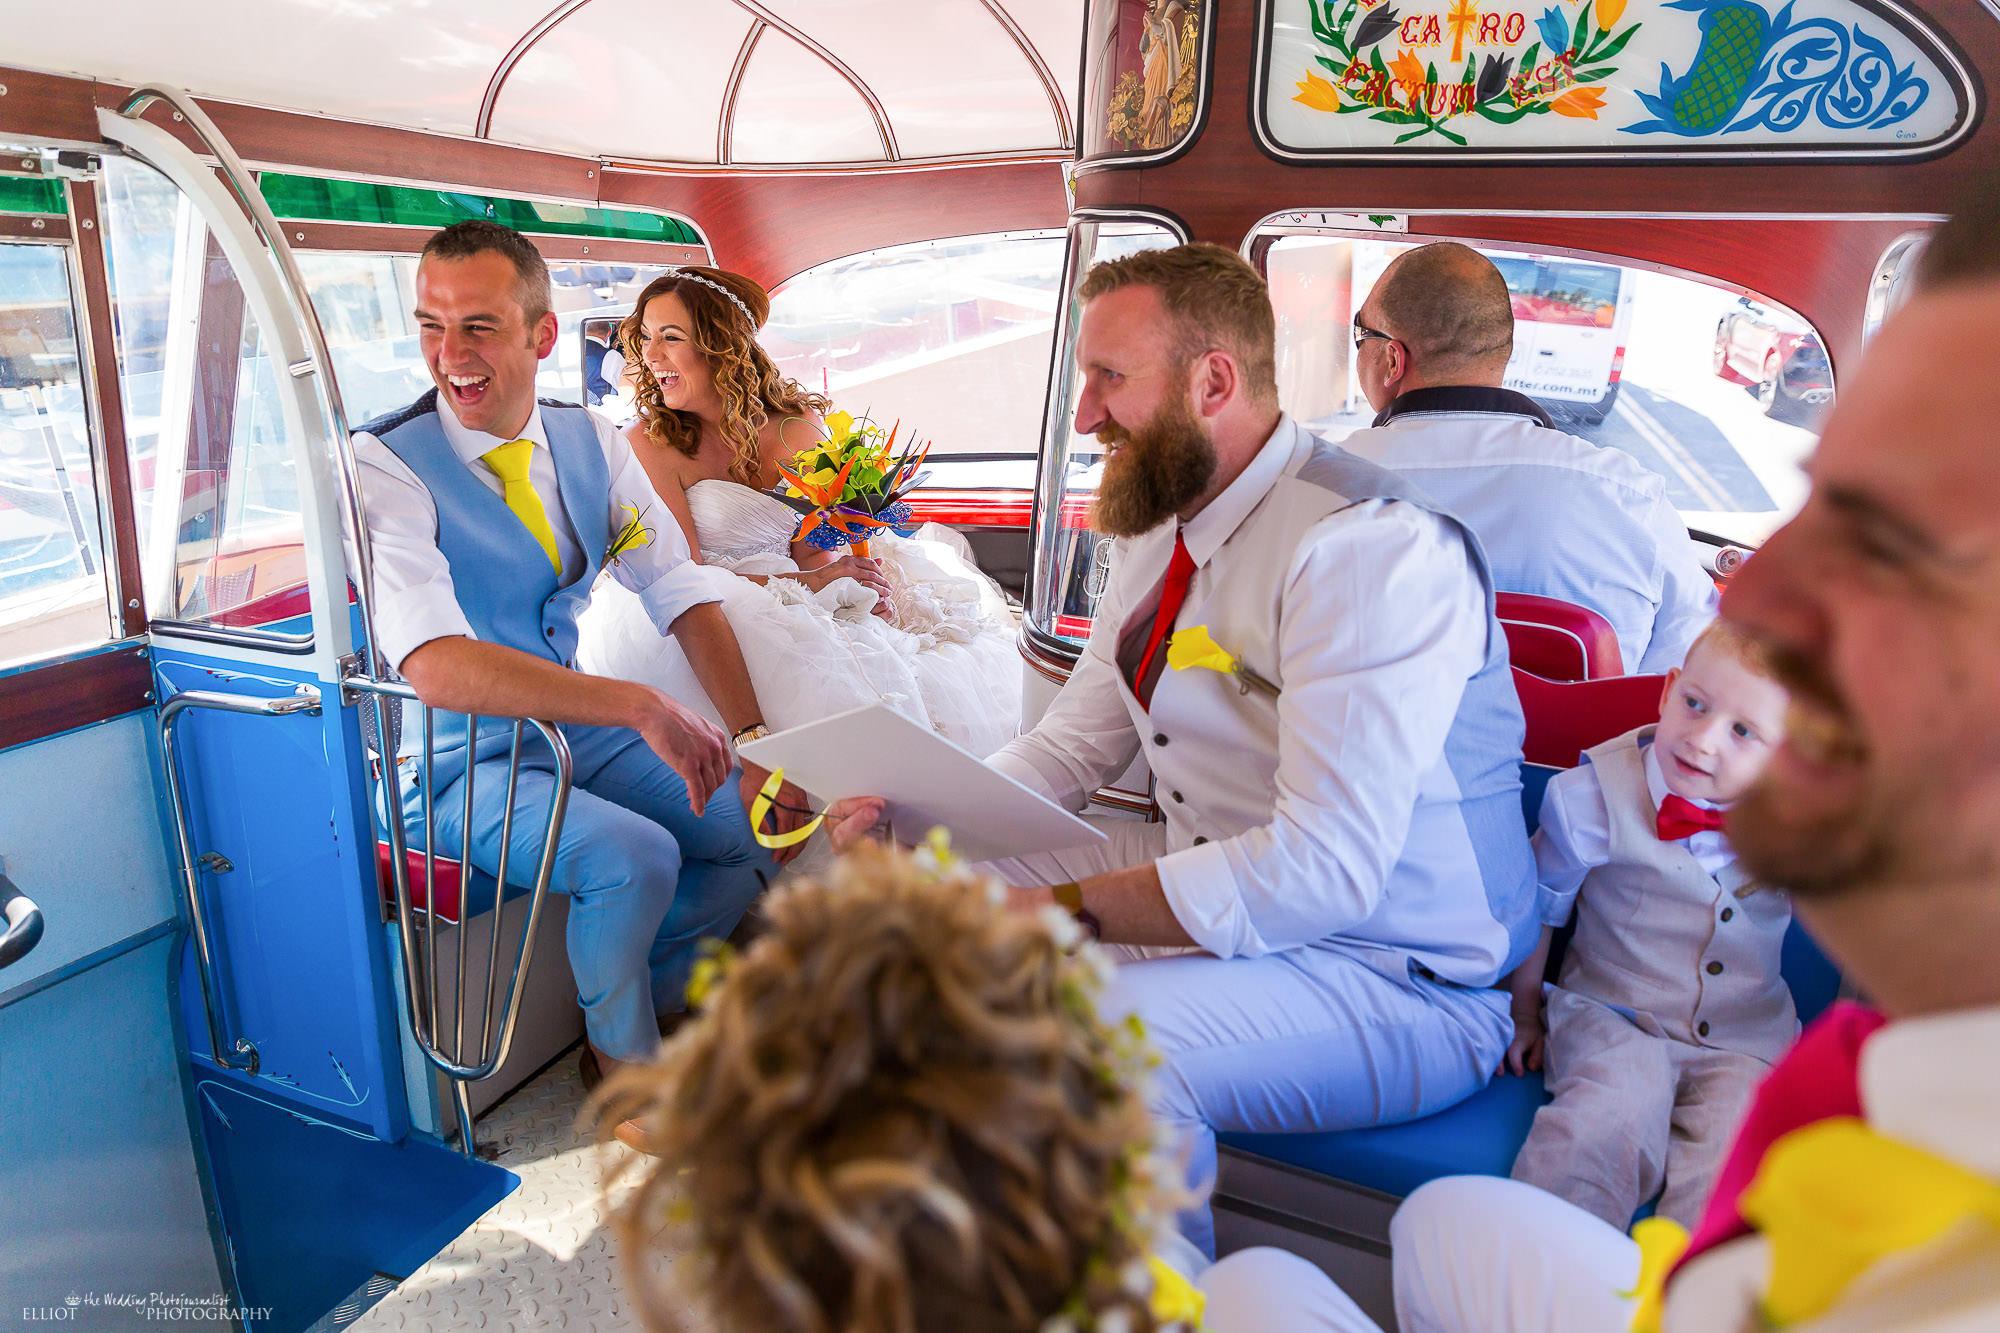 bride-groom-guests-wedding-bus-coach-Malta